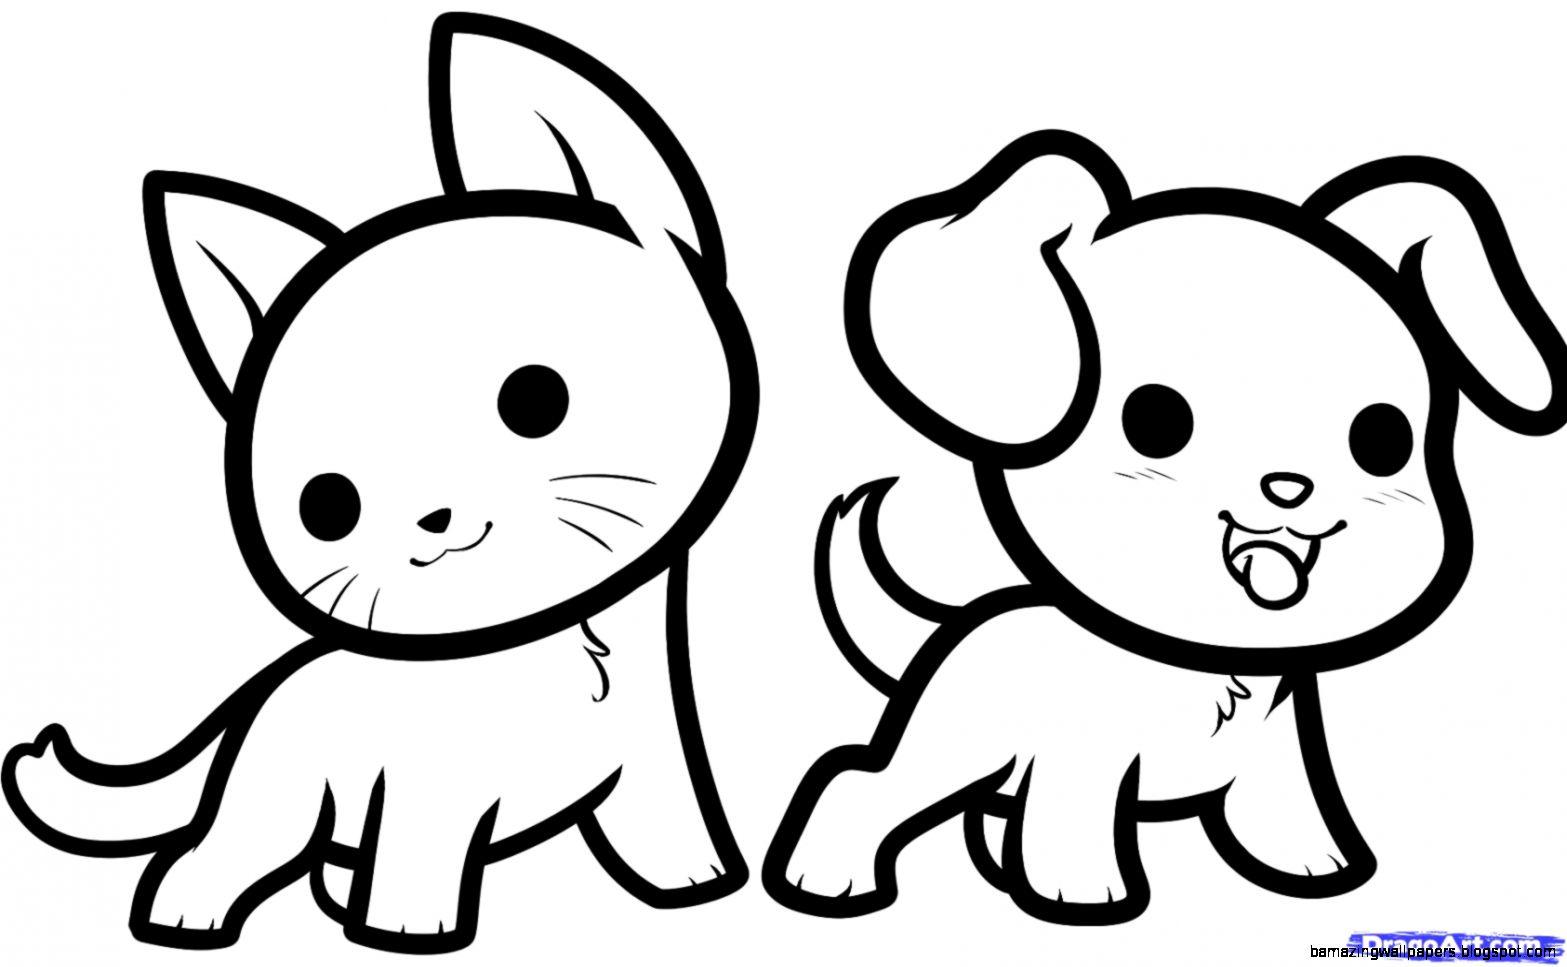 99 565 Best Cute Animal Drawings Images Sketches Cute Drawings